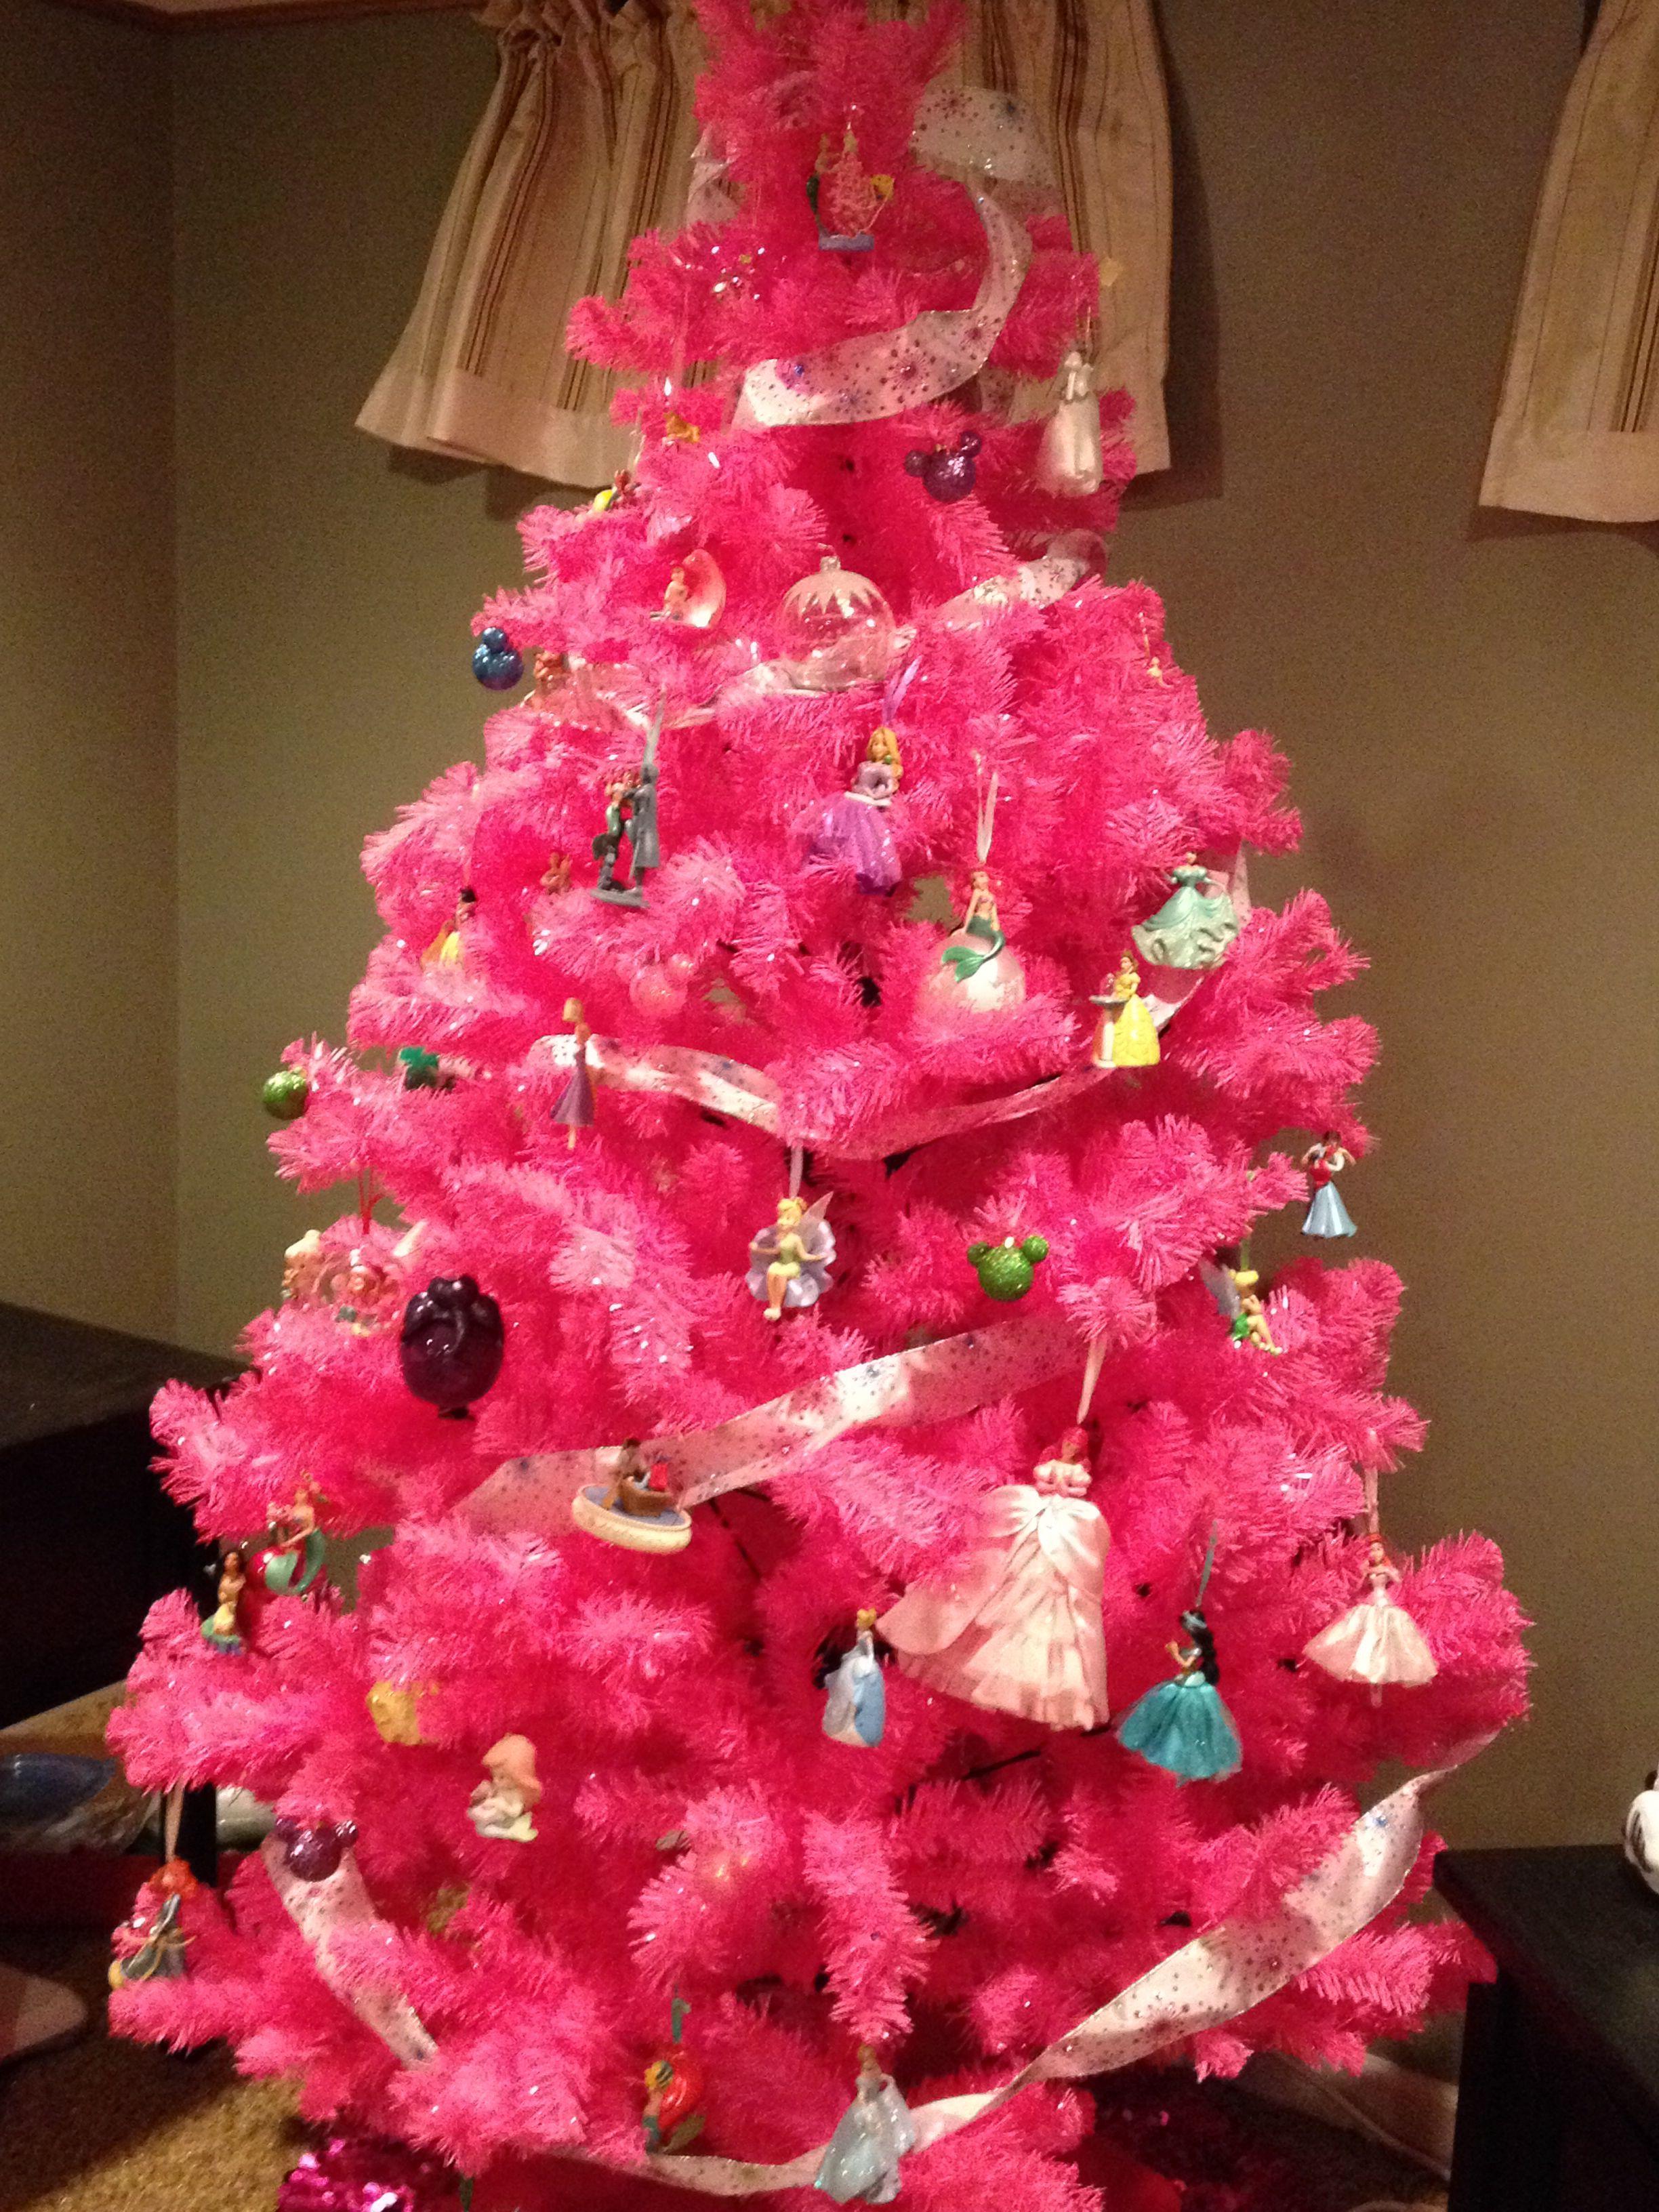 Disney Princess Christmas Tree Disney Christmas Tree Christmas Barbie Christmas Tree Decorations Diy